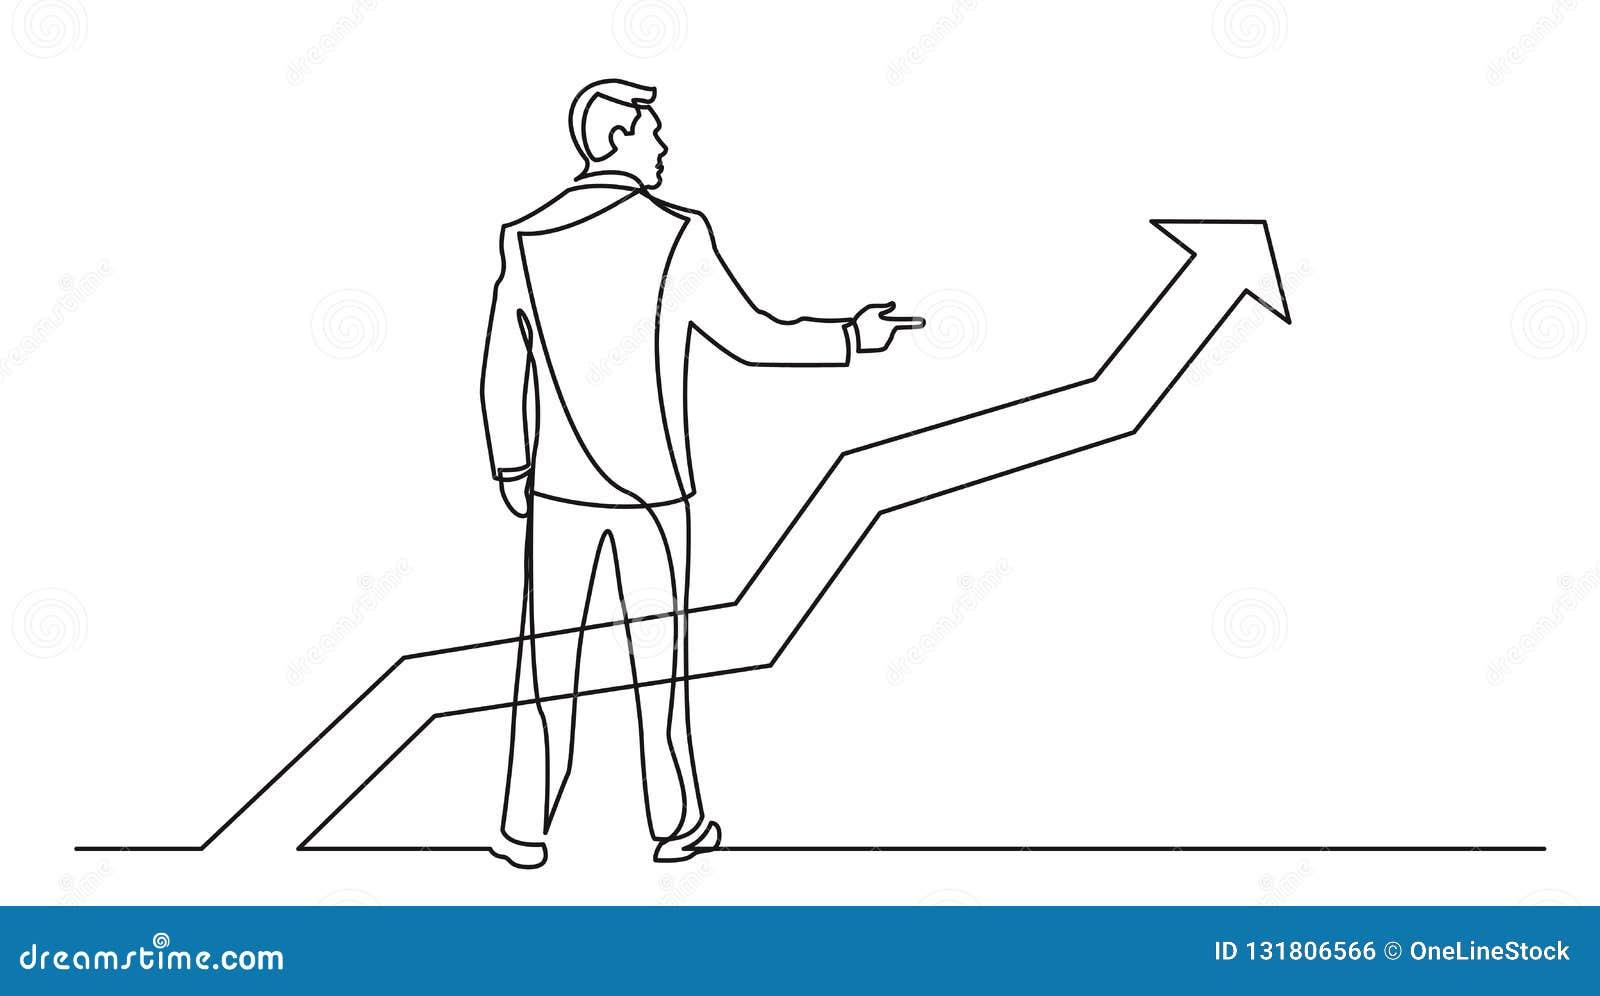 Dibujo lineal continuo del hombre de negocios permanente que señala el finger en el gráfico cada vez mayor